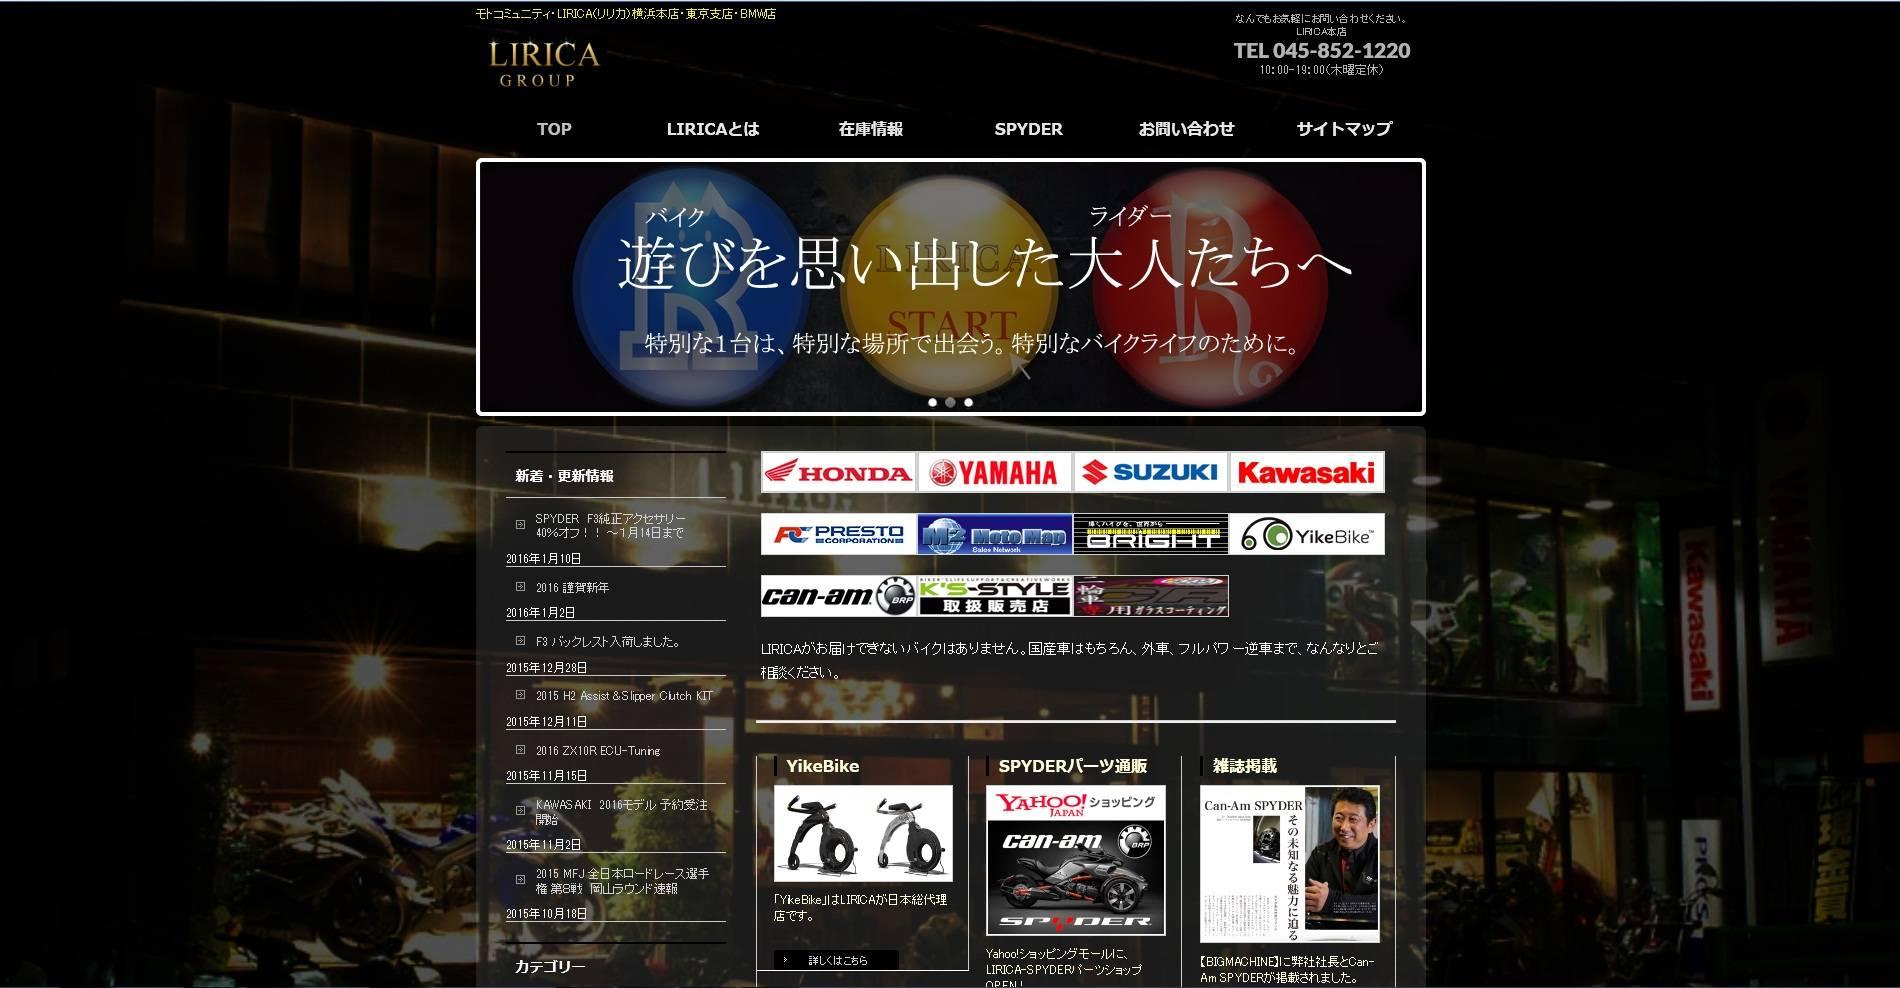 LIRICA TOKYO